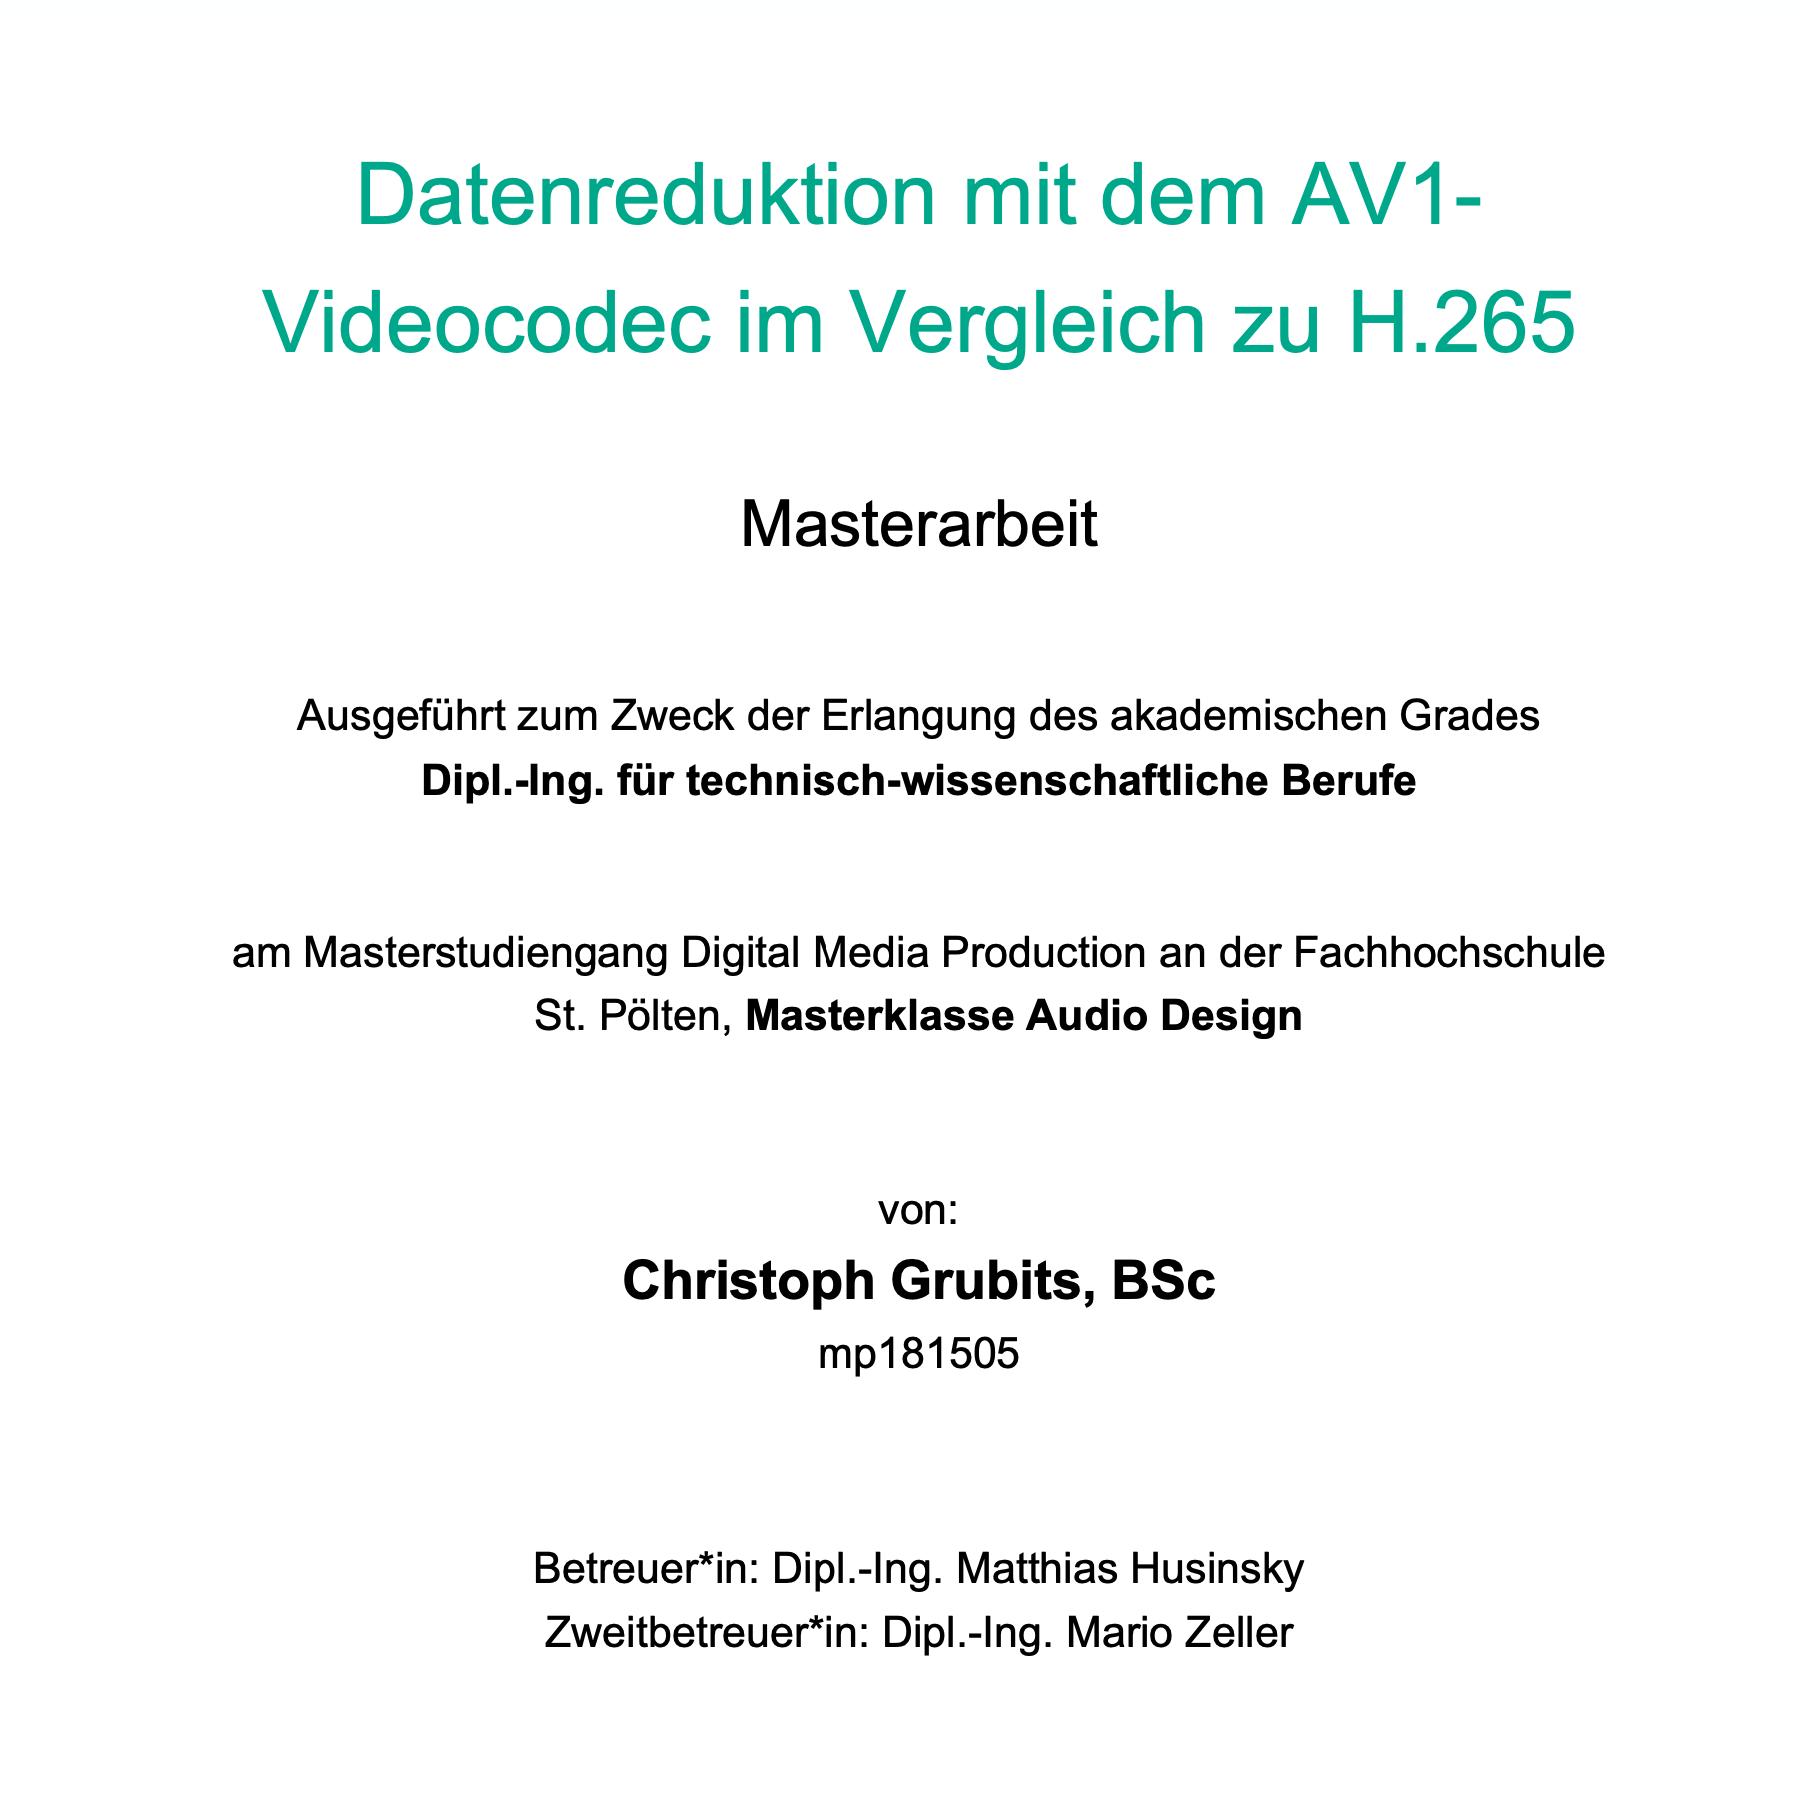 Masterarbeit: Datenreduktion mit dem AV1-Videocodec im Vergleich zu H.265